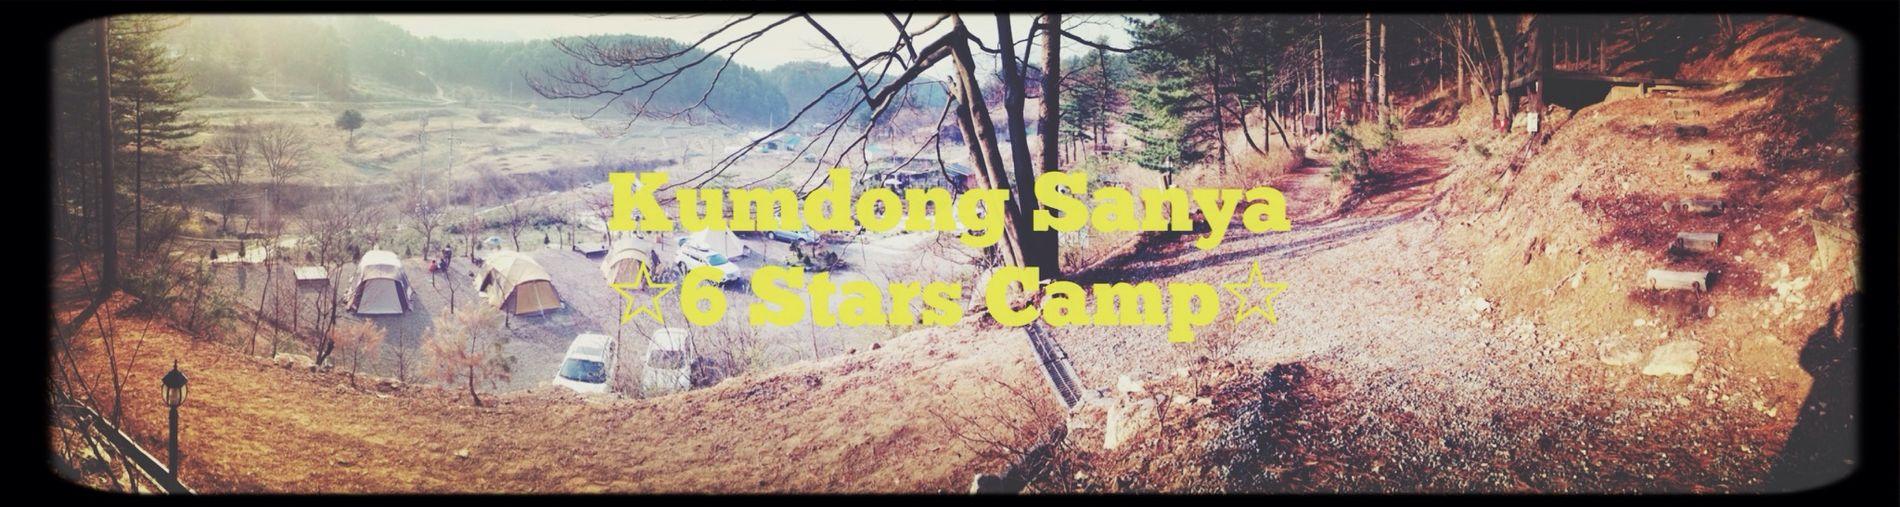 금동산야는 캠퍼들에게 6성급 캠핑장으로 알려짐